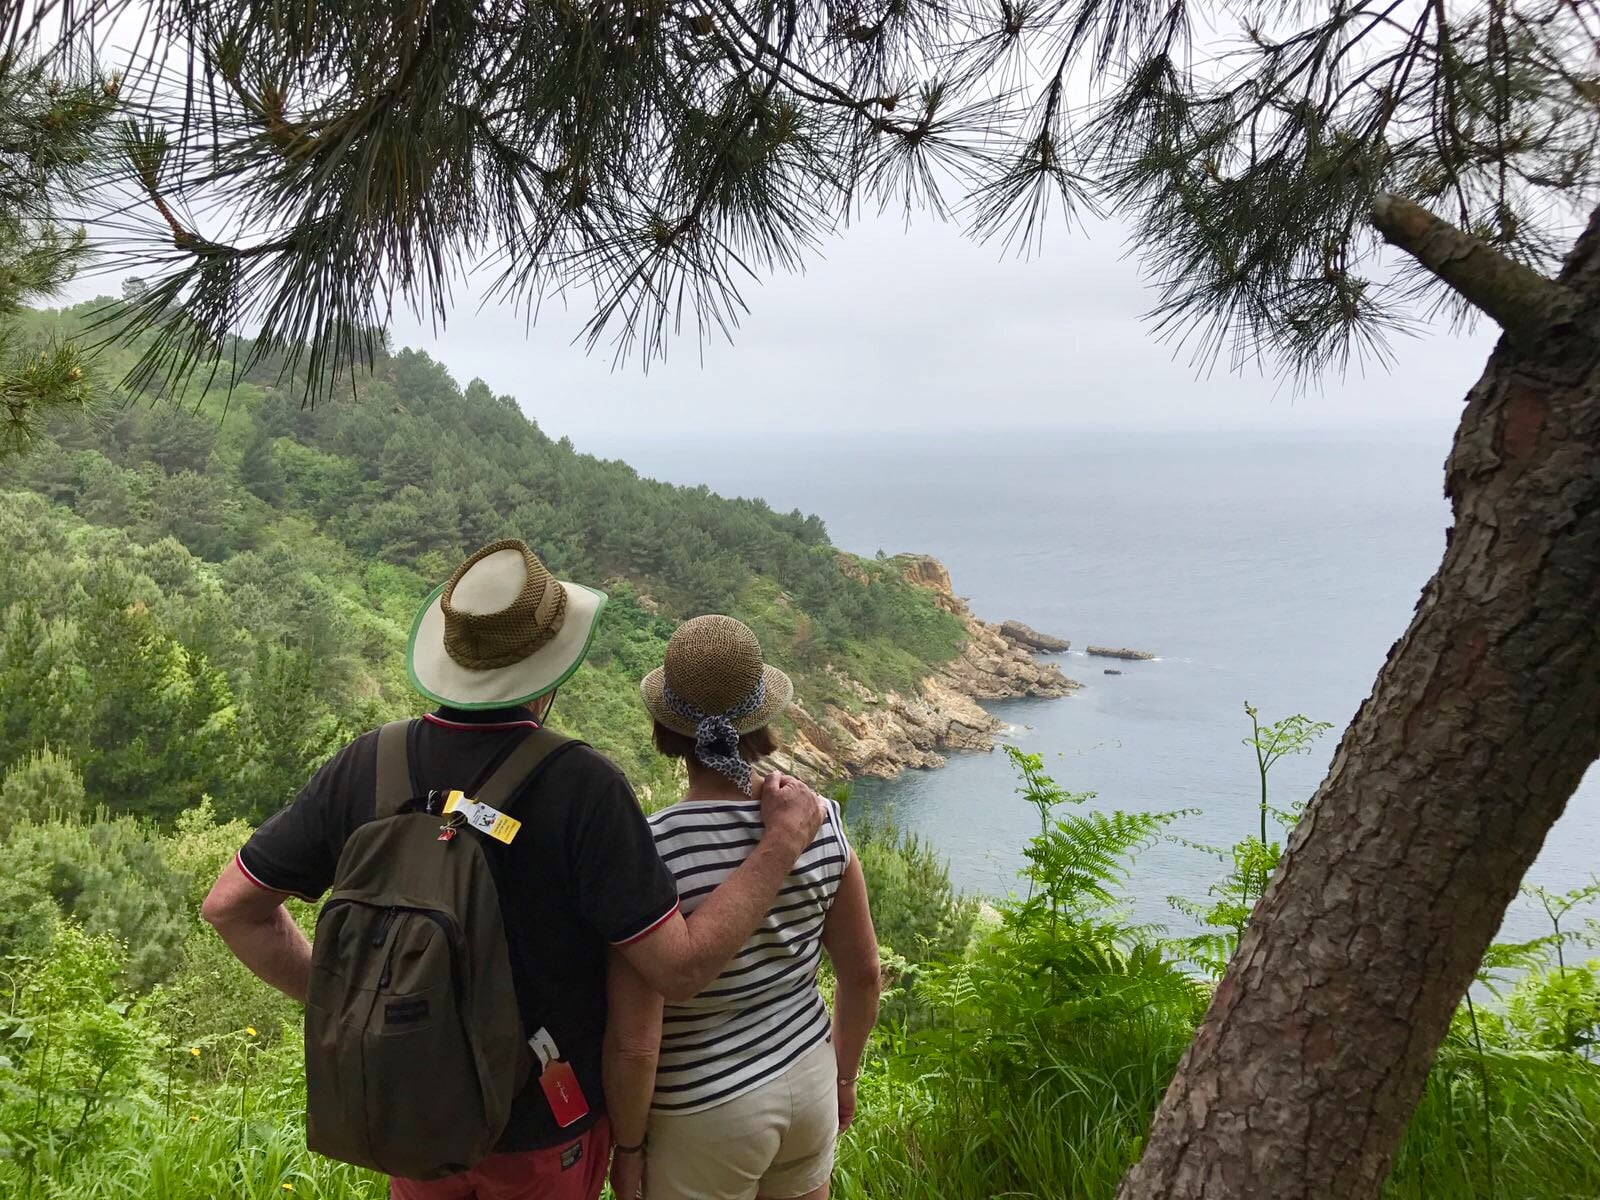 St James way hiking tour